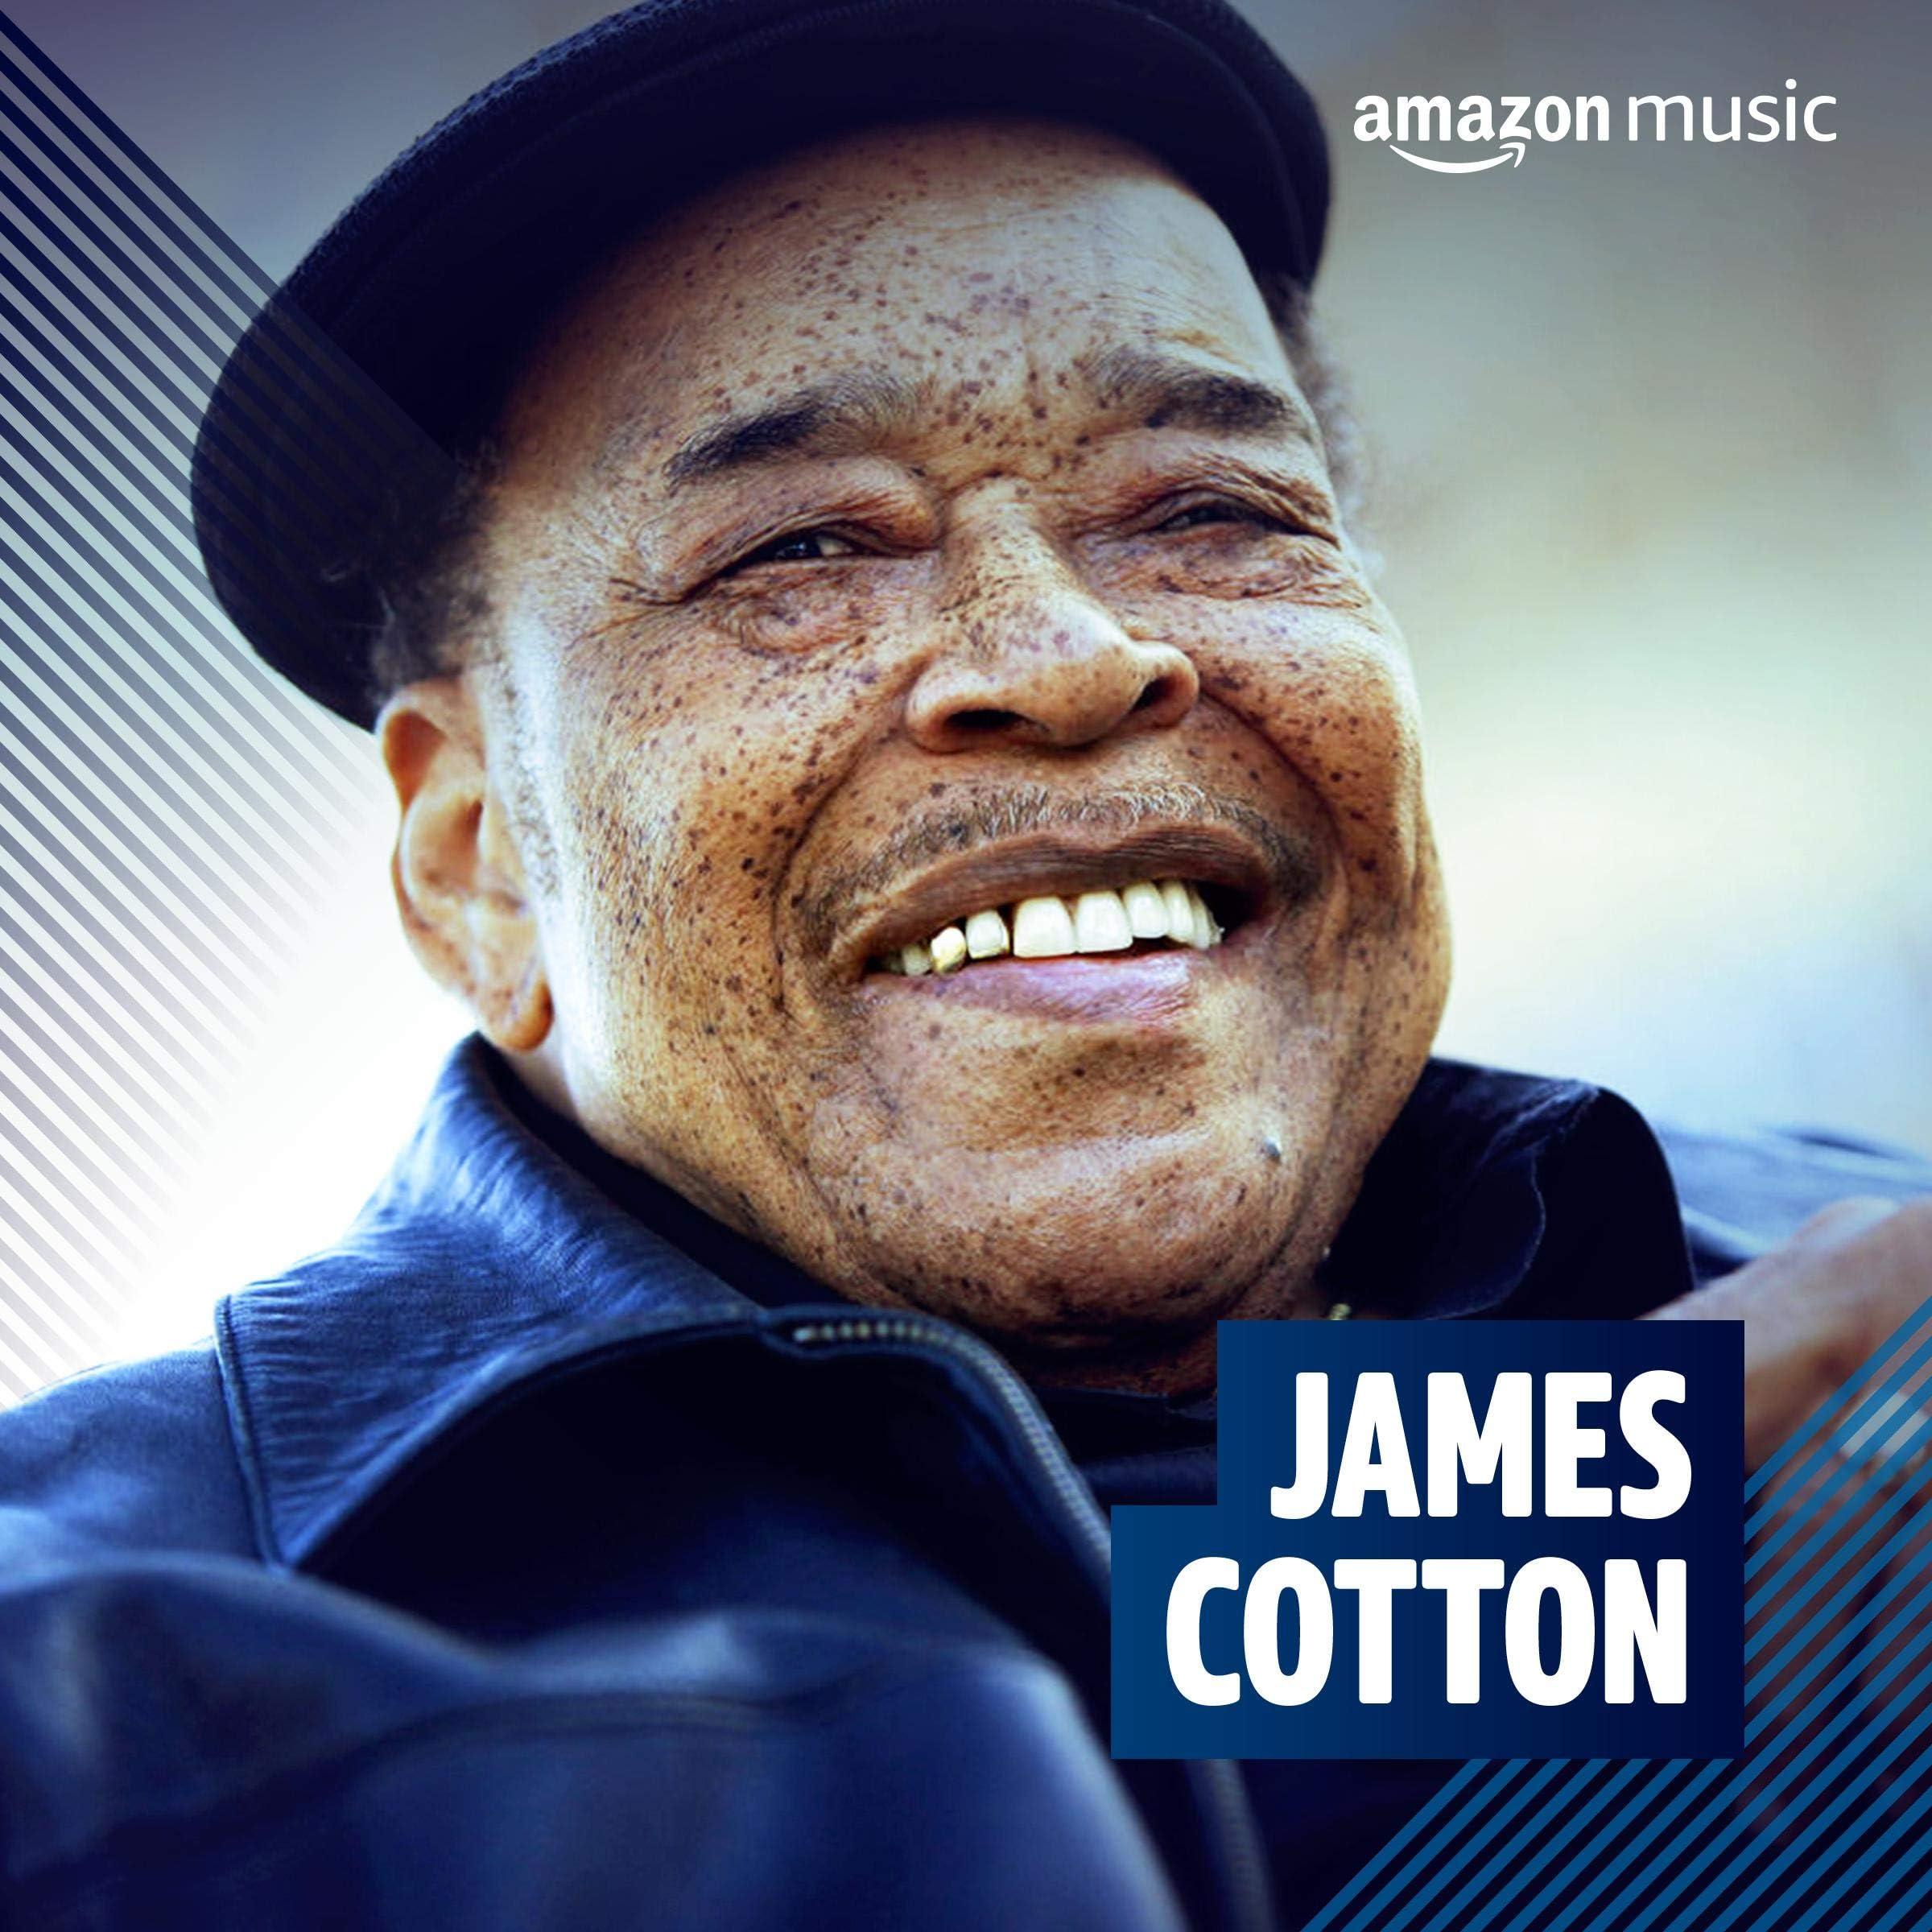 James Cotton